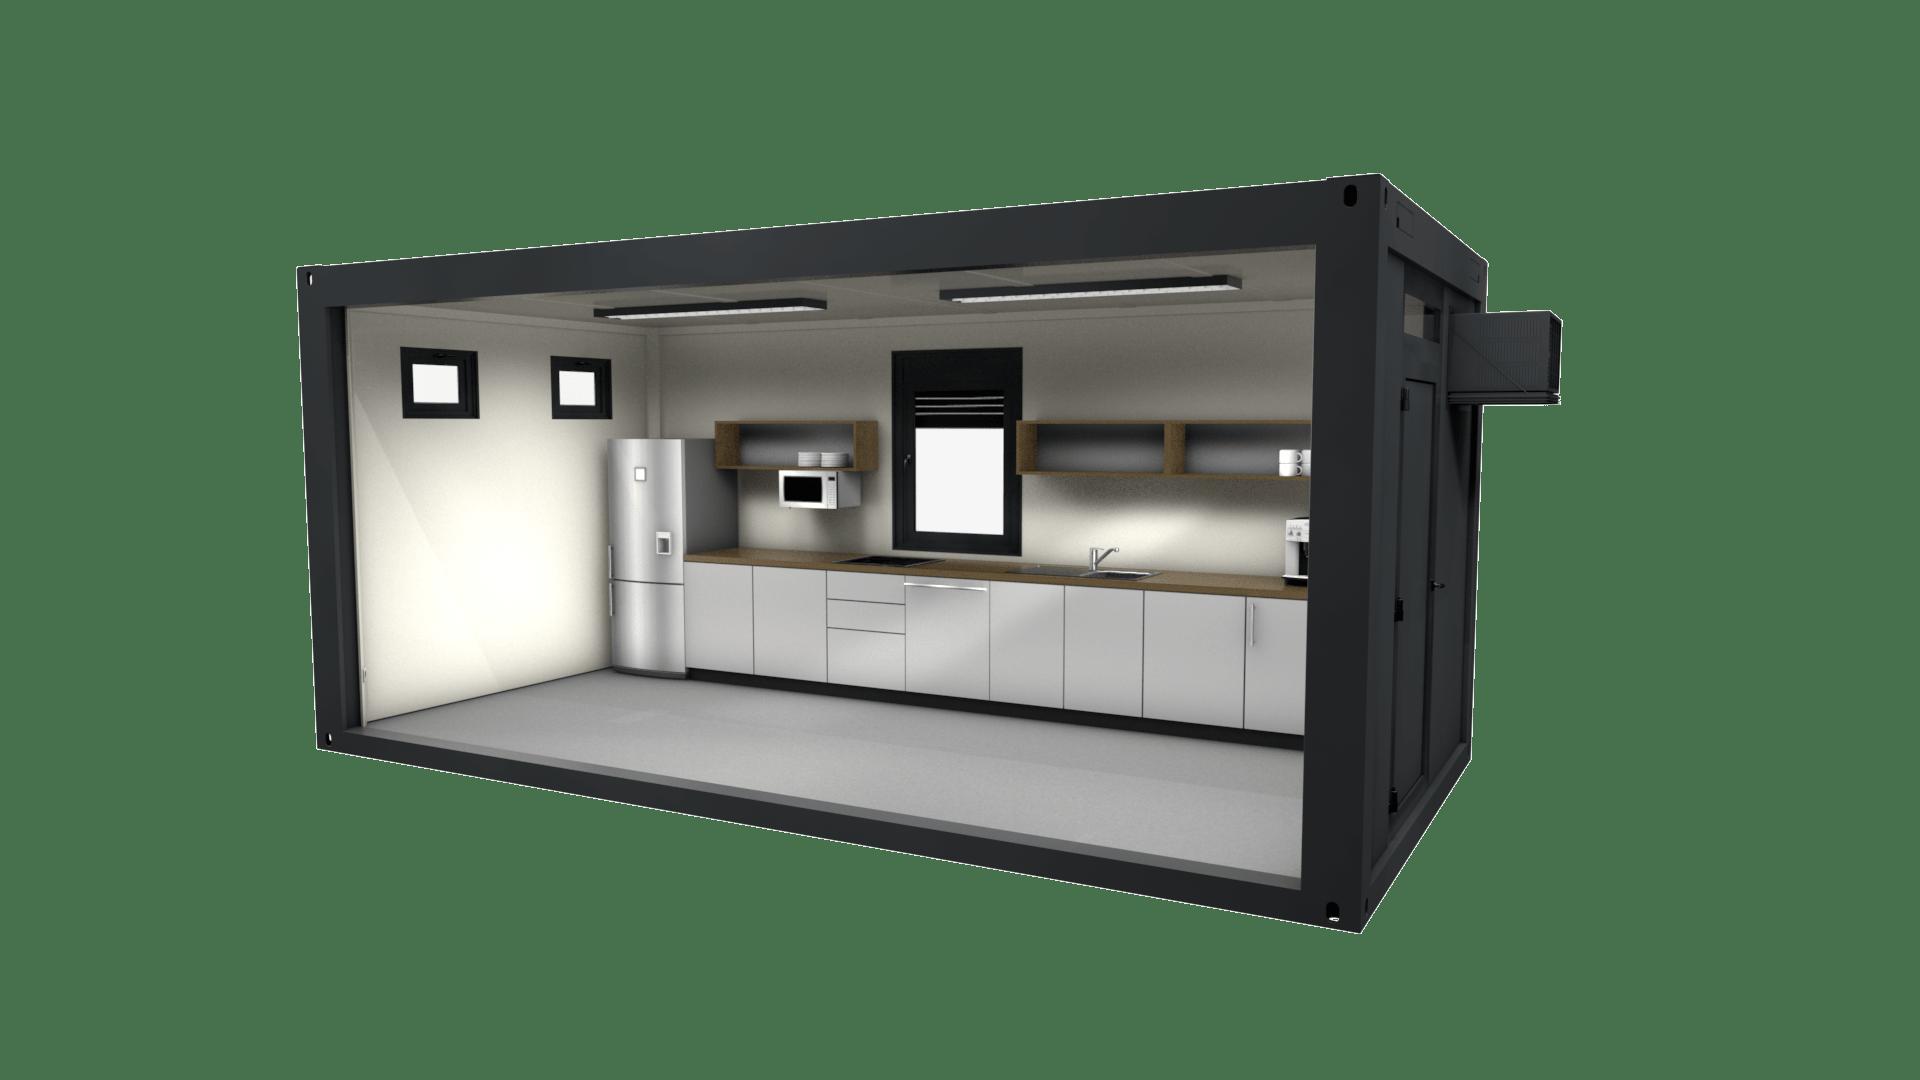 Container Modul 16 ist ein Sonderbau mit Küche